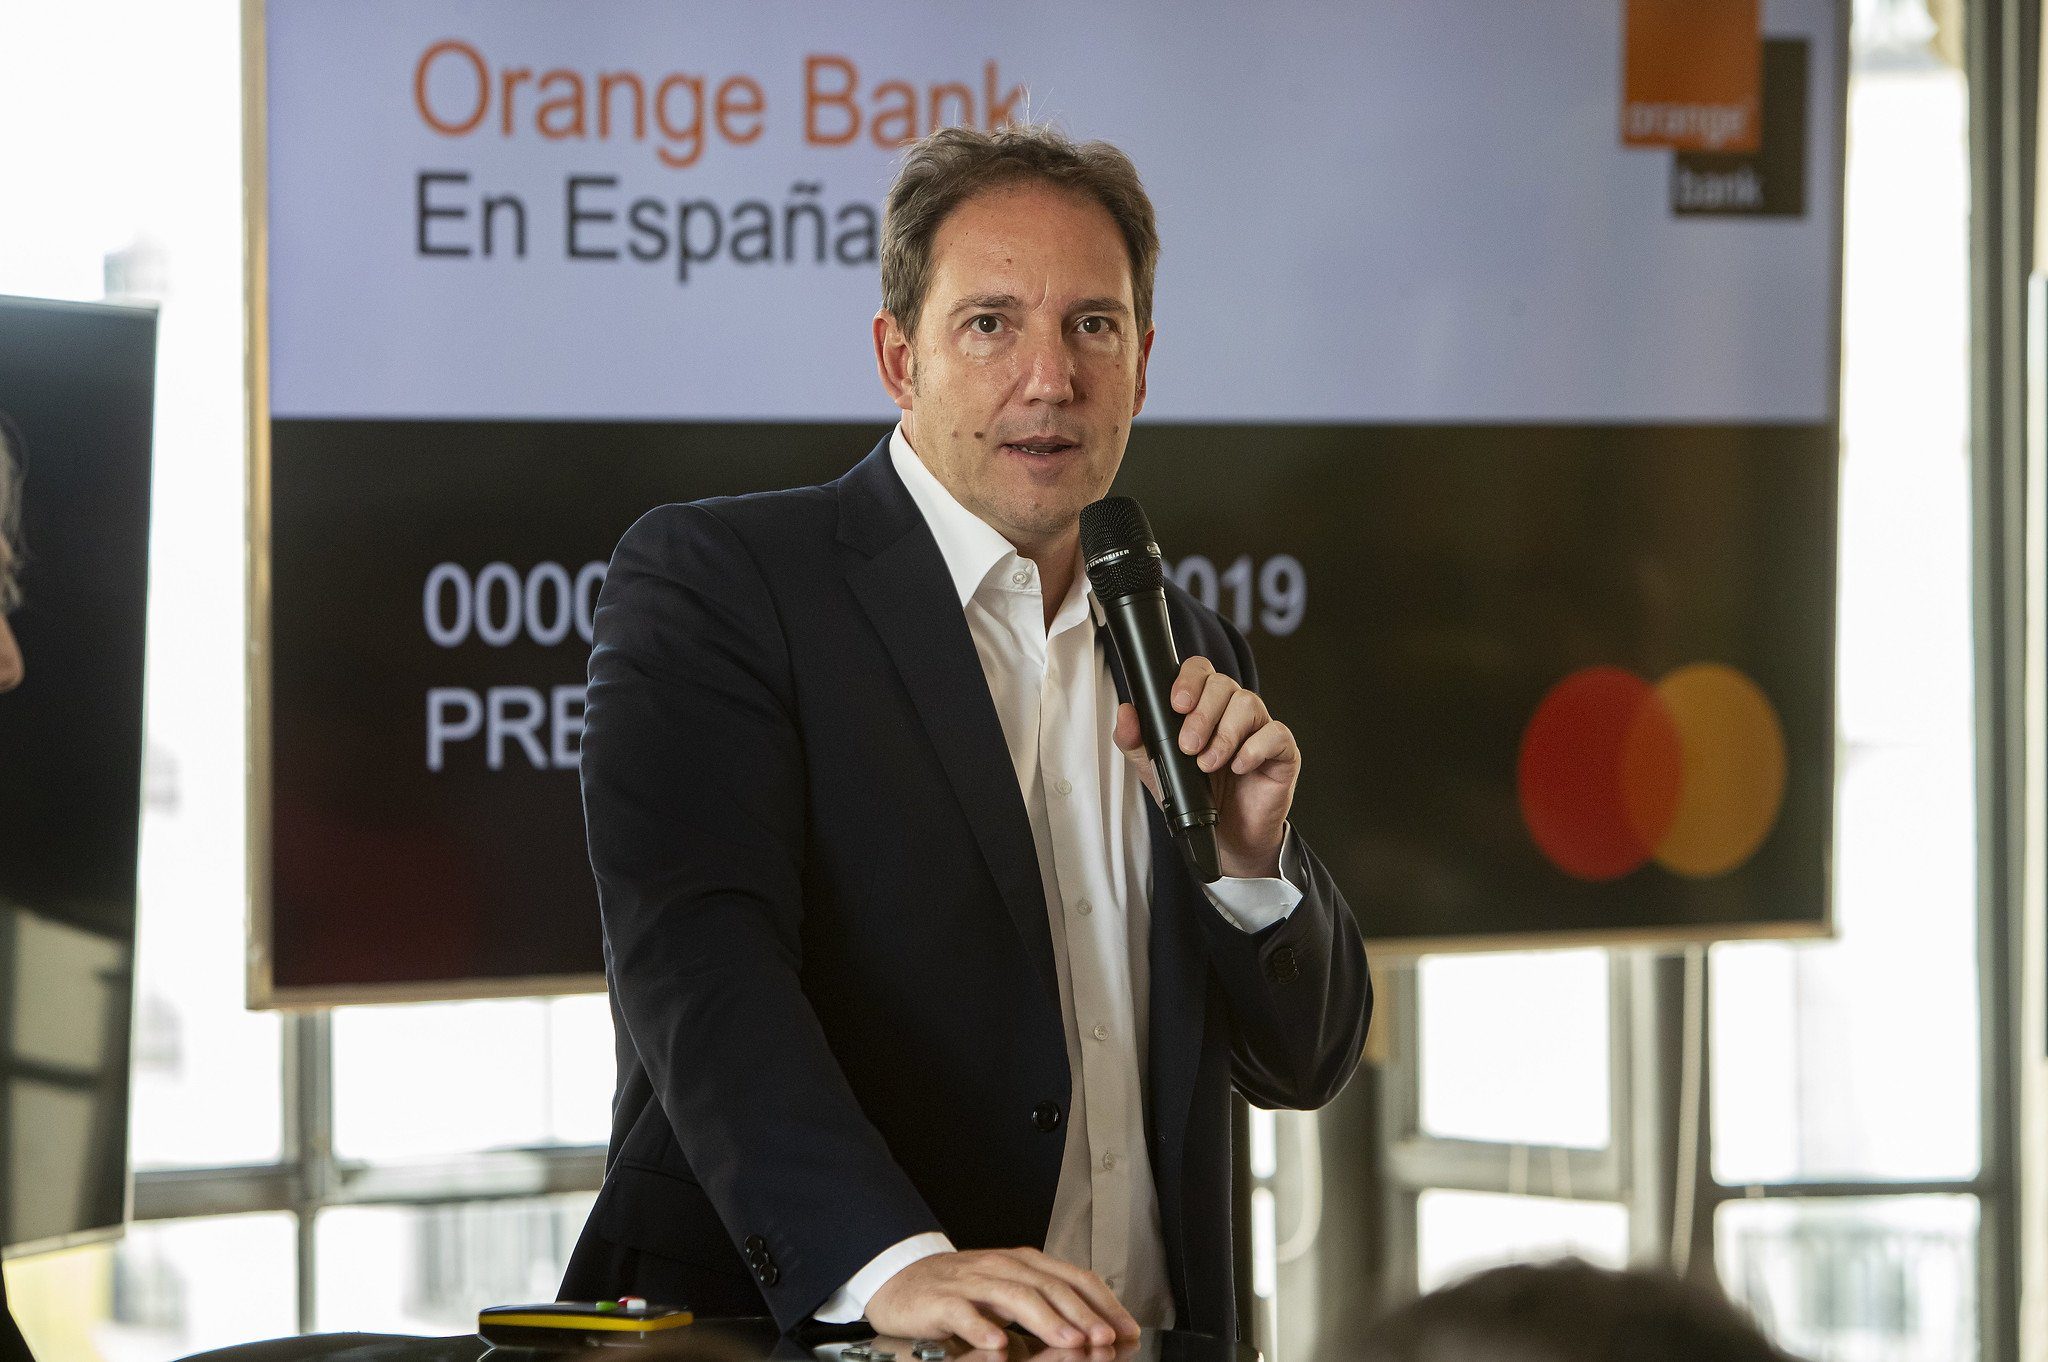 Laurent Paillassot ha presentado este lunes 'su' banco, Orange Bank